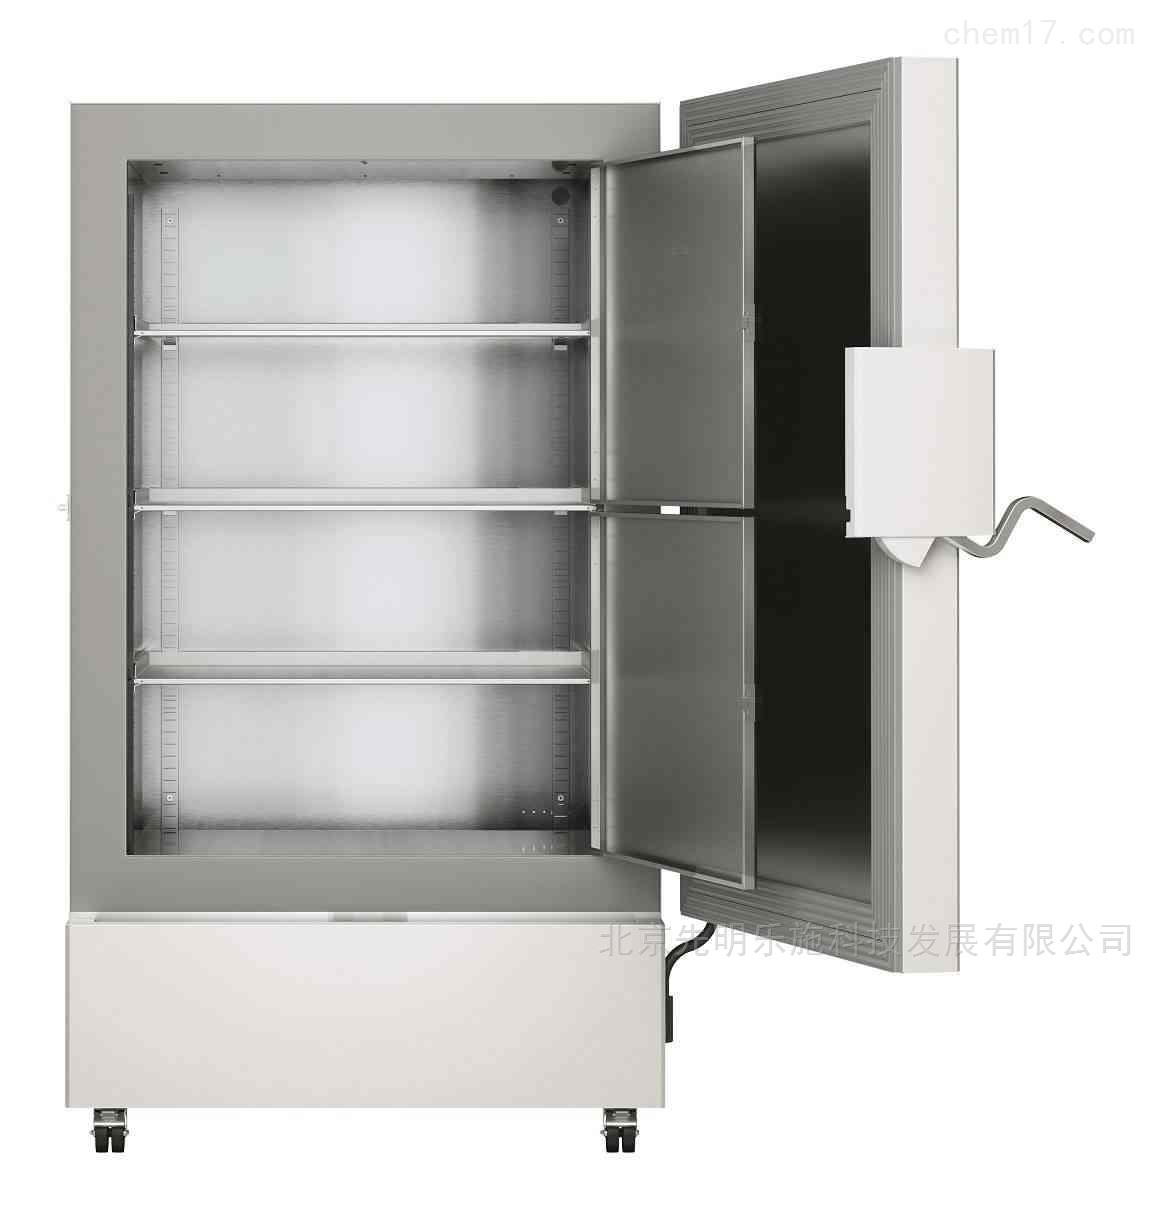 利勃海尔-86℃超低温冰箱